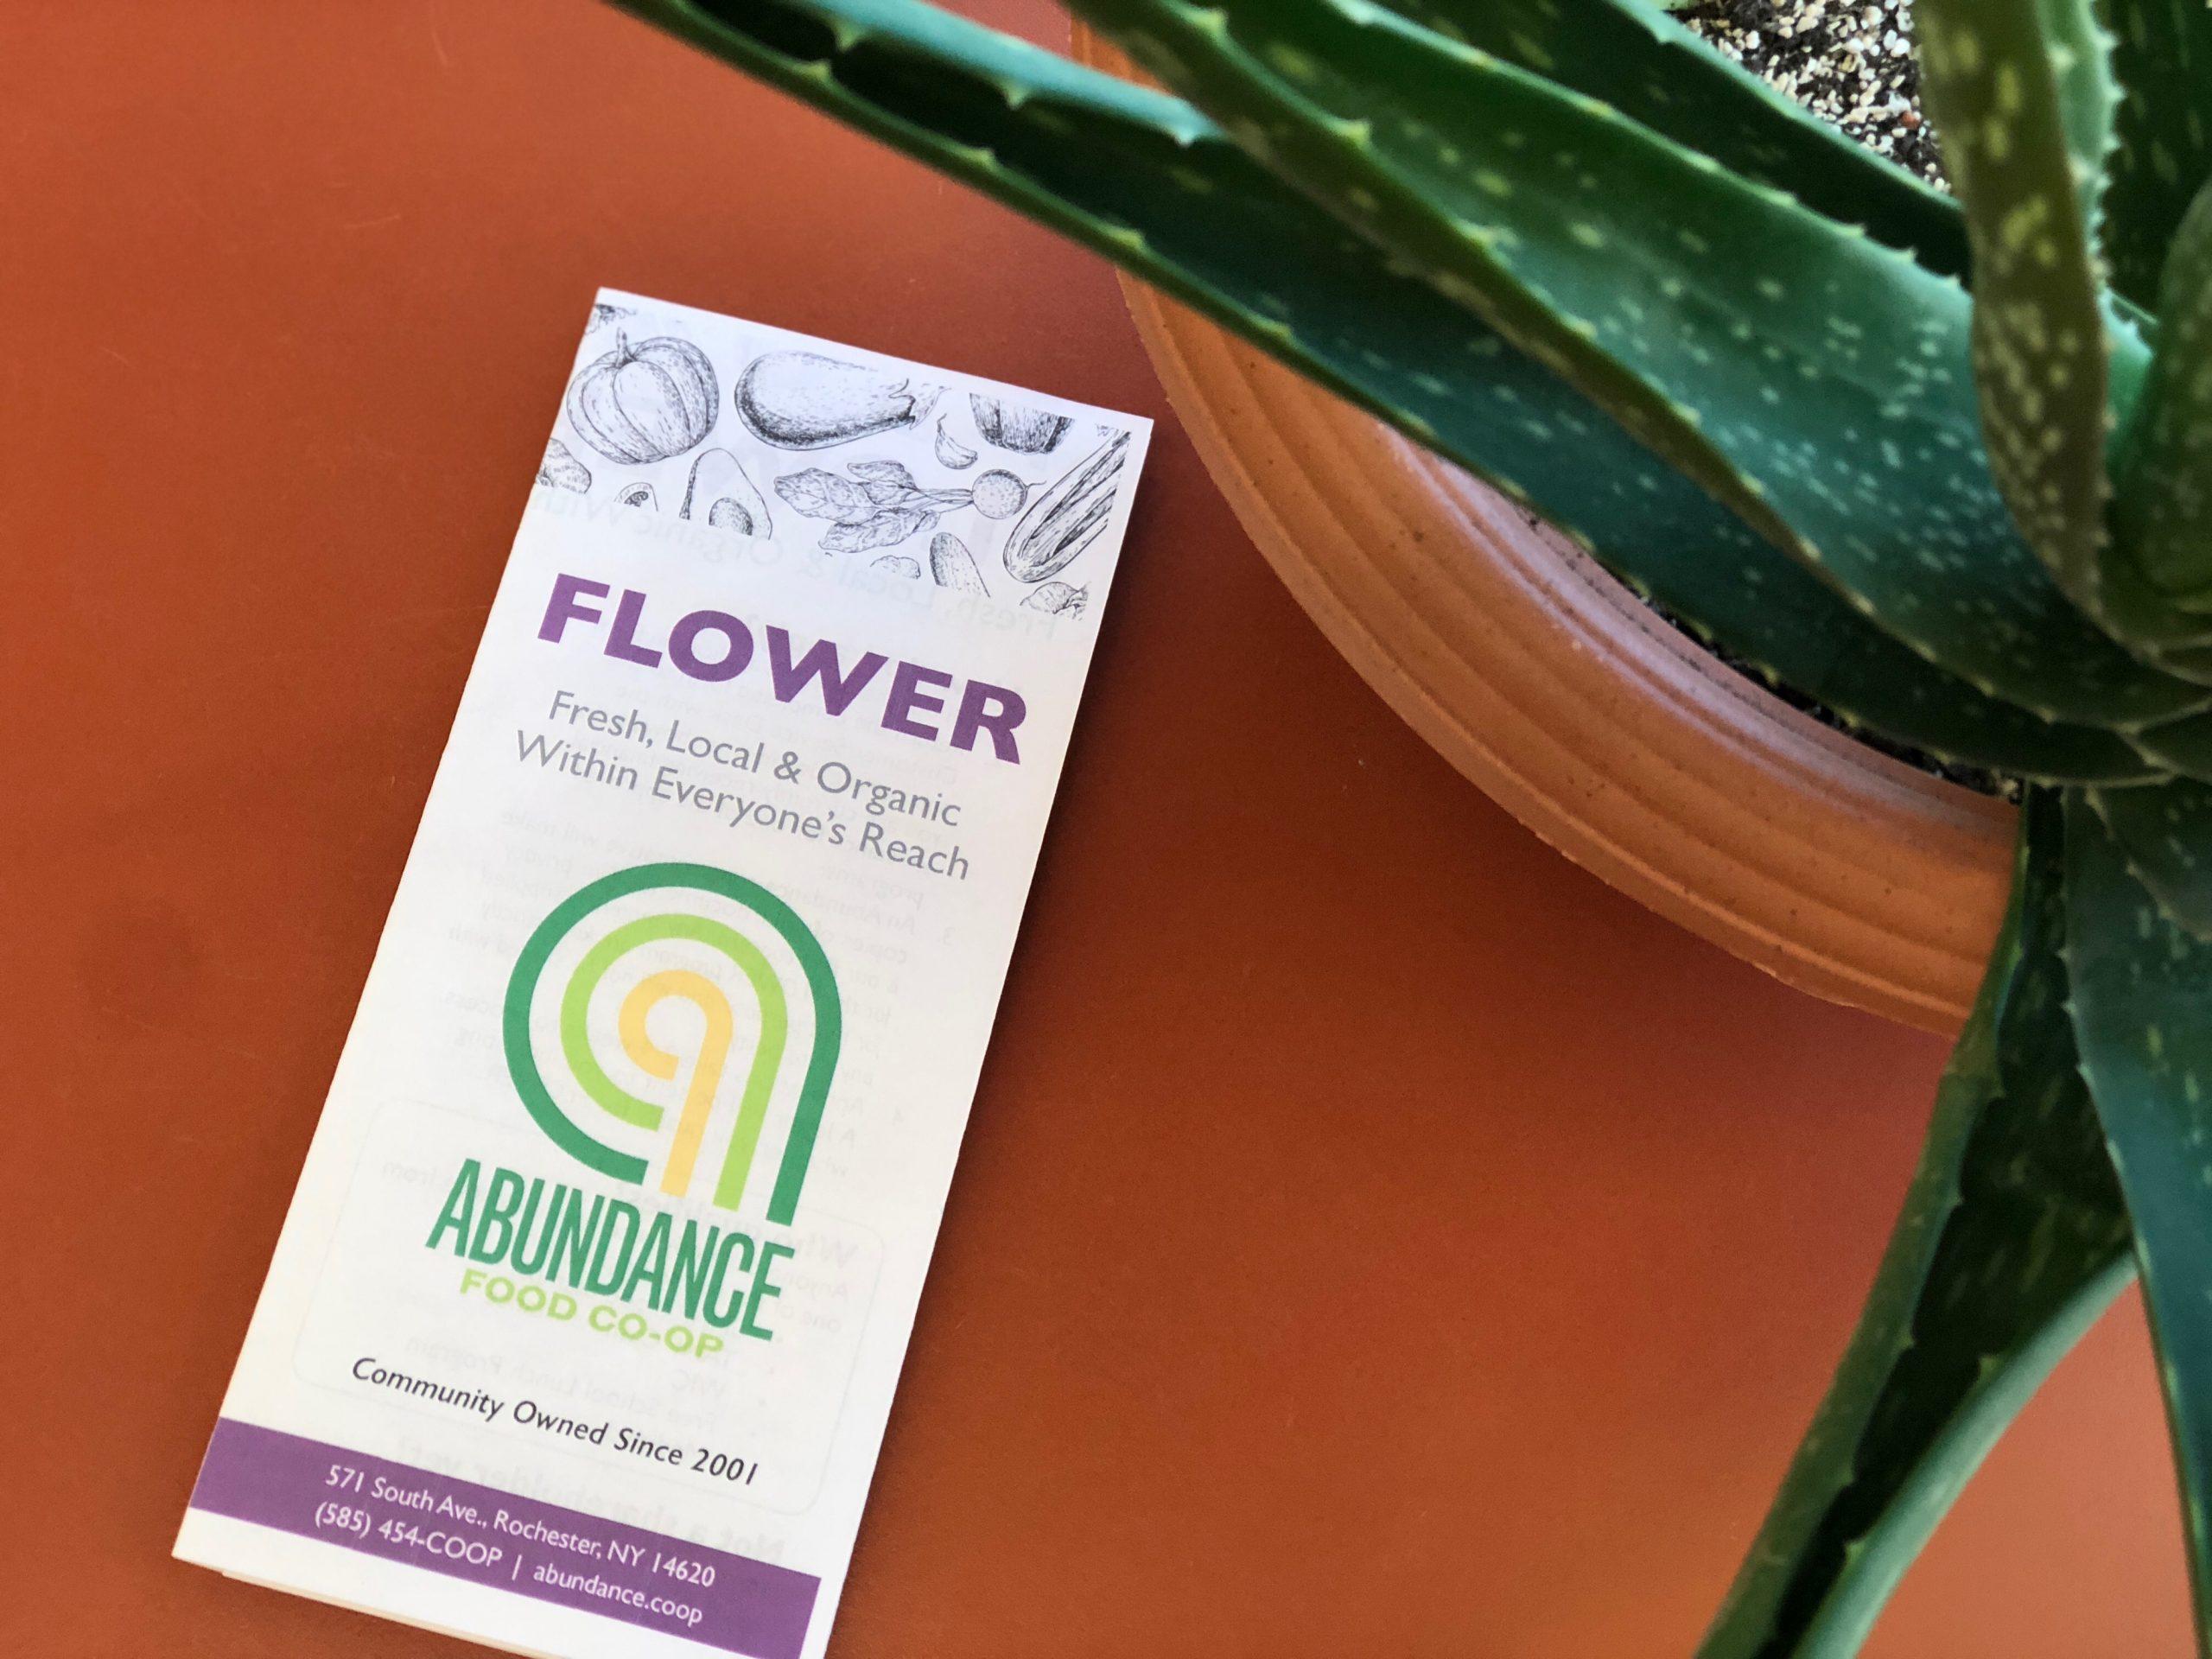 FLOWER pamphlet